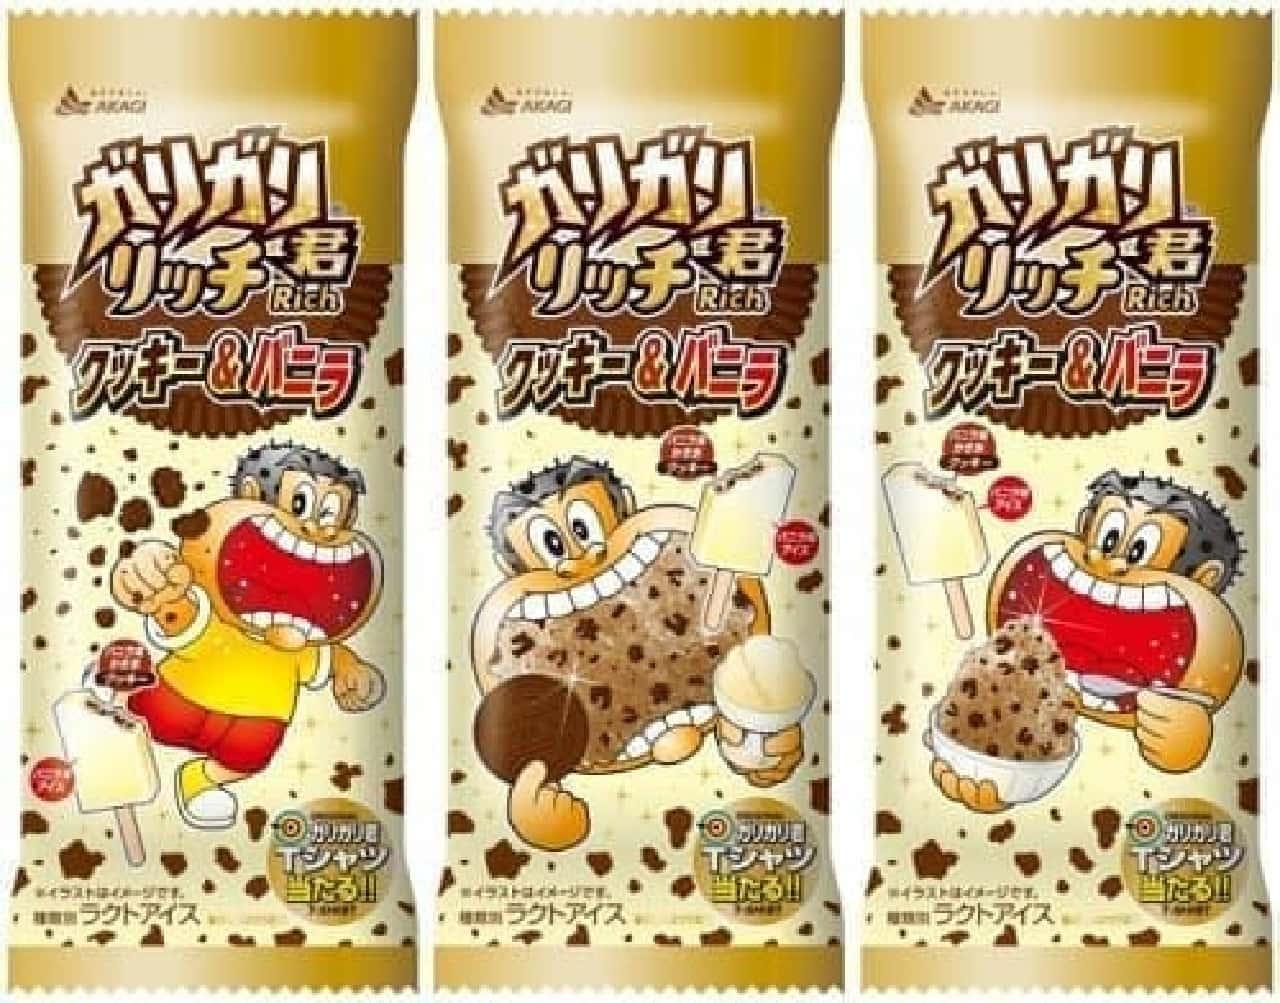 赤城乳業「ガリガリ君リッチクッキー&バニラ」